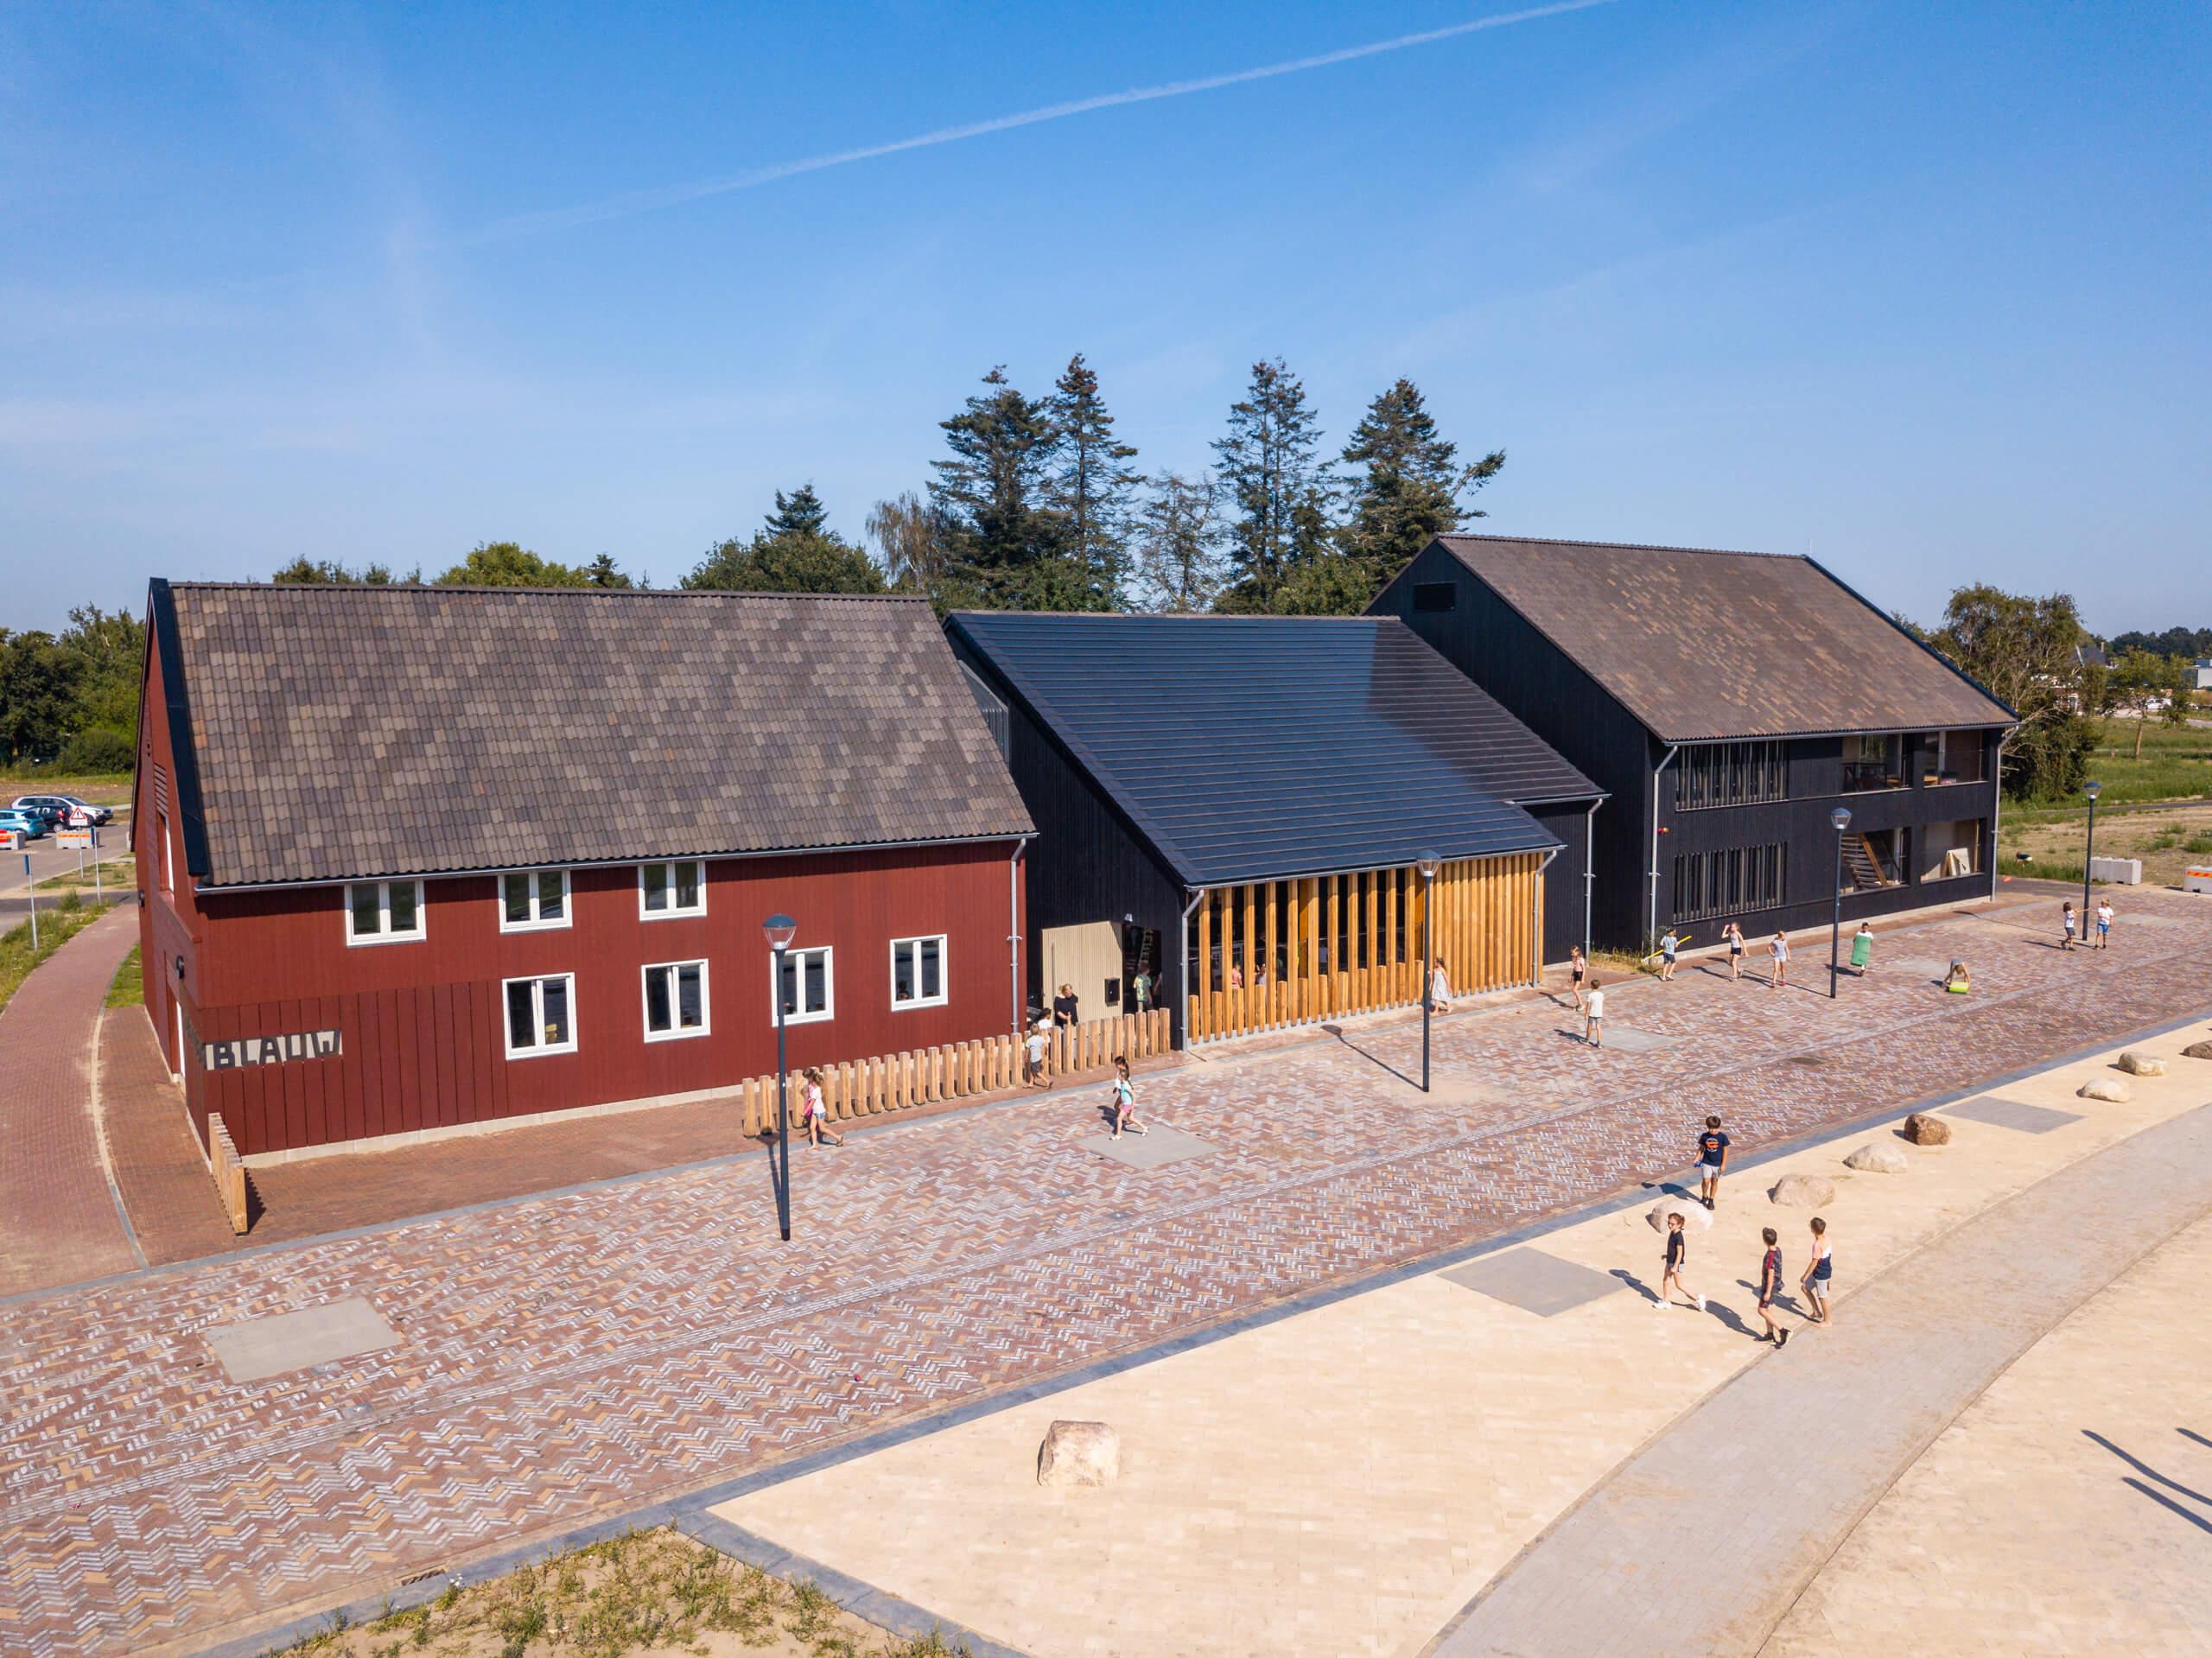 energieneutraal Jenaplan houtbouw nuenen onderwijs Platoo Laride Van Stiphout Nobel advies Ossenbloedrood Douglas